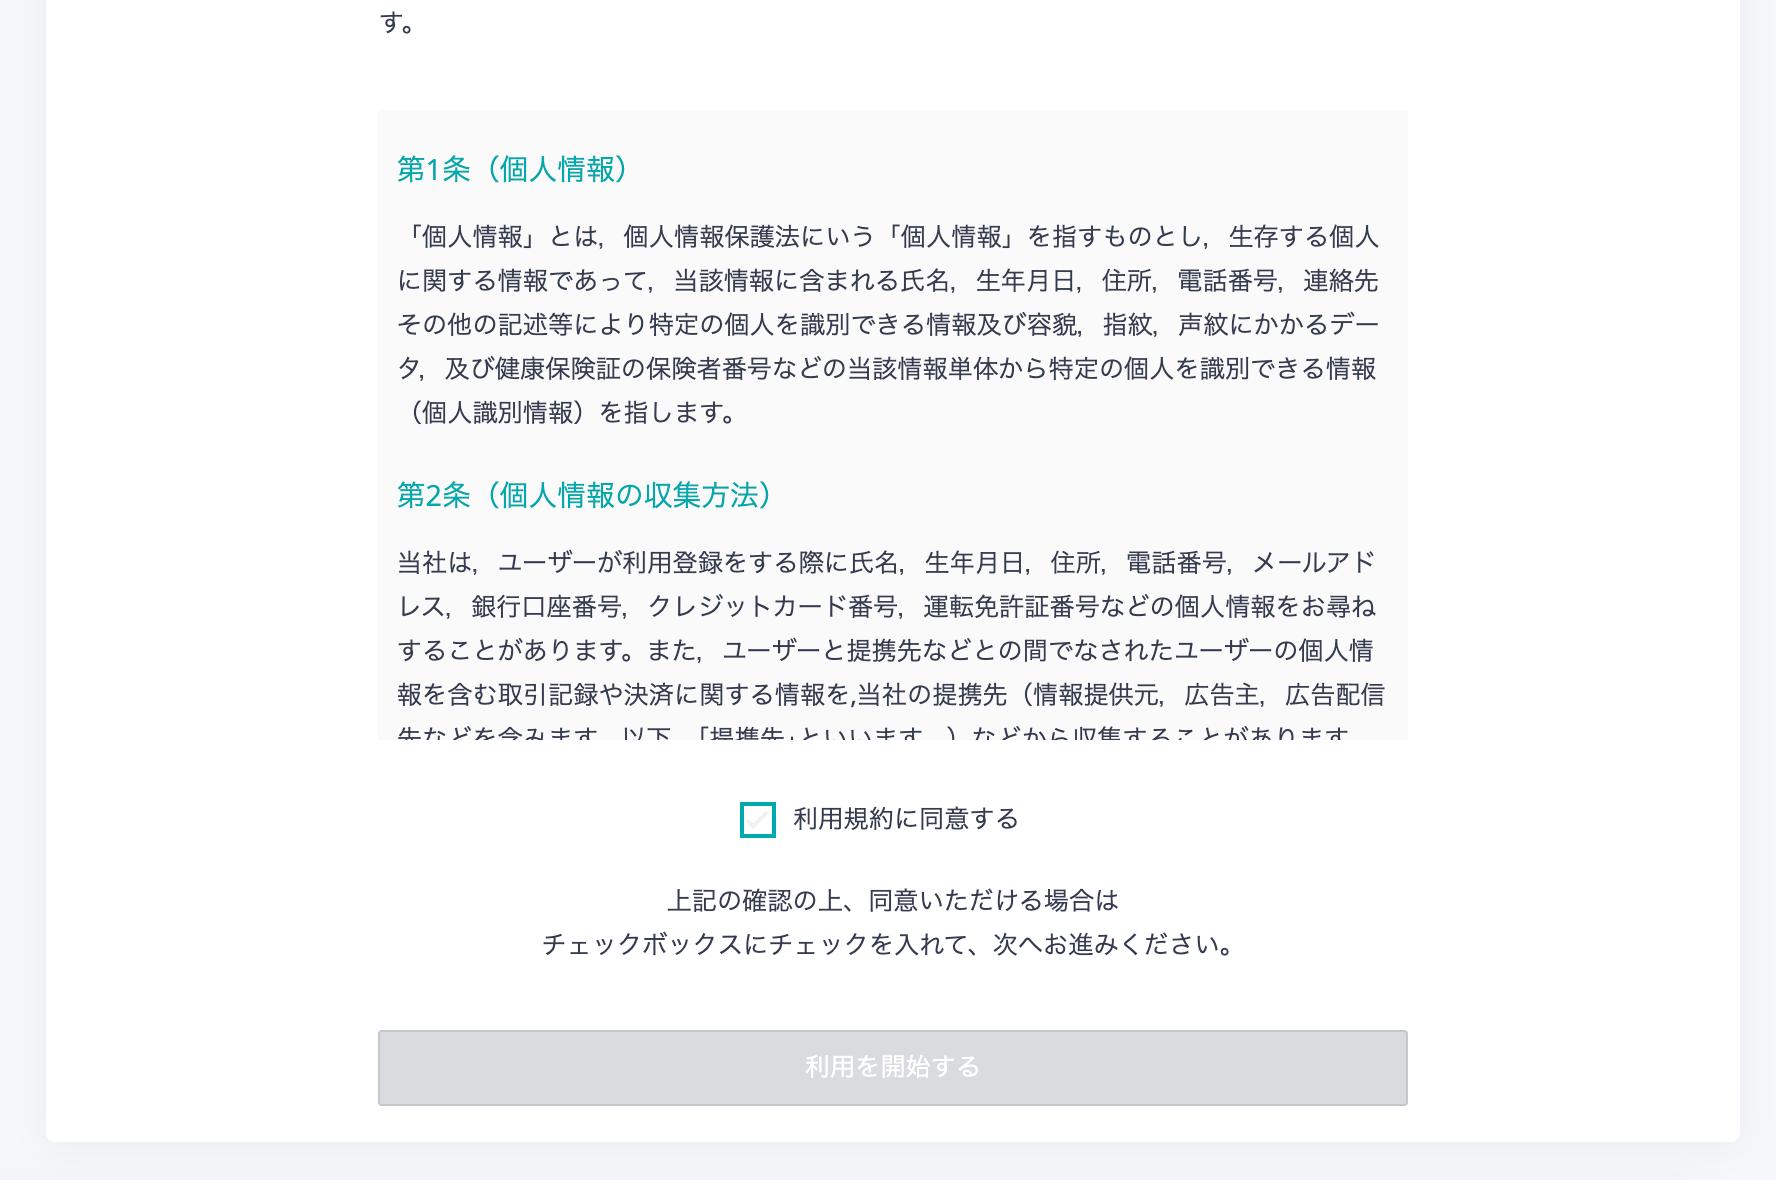 スクリーンショット 2020-01-14 16.59.46.png